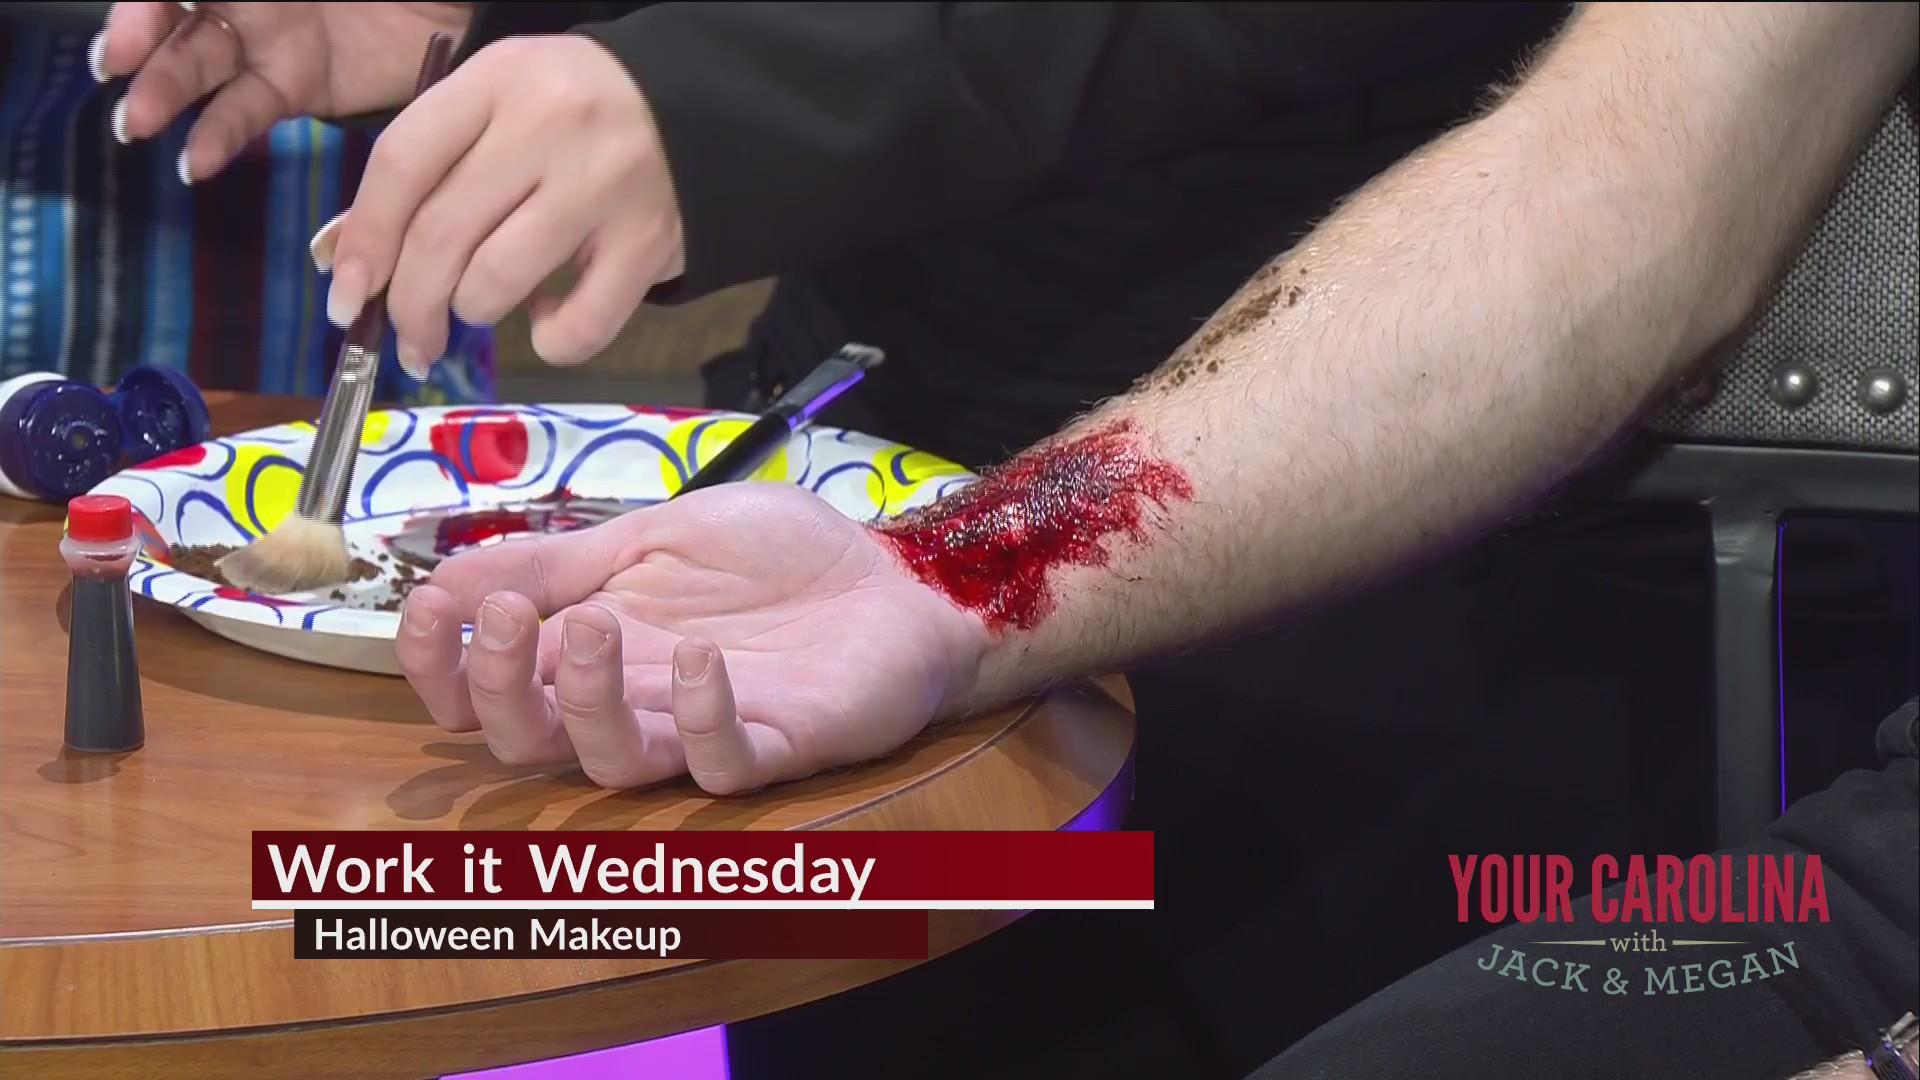 Work It Wednesday - DIY Halloween Makeup Tips